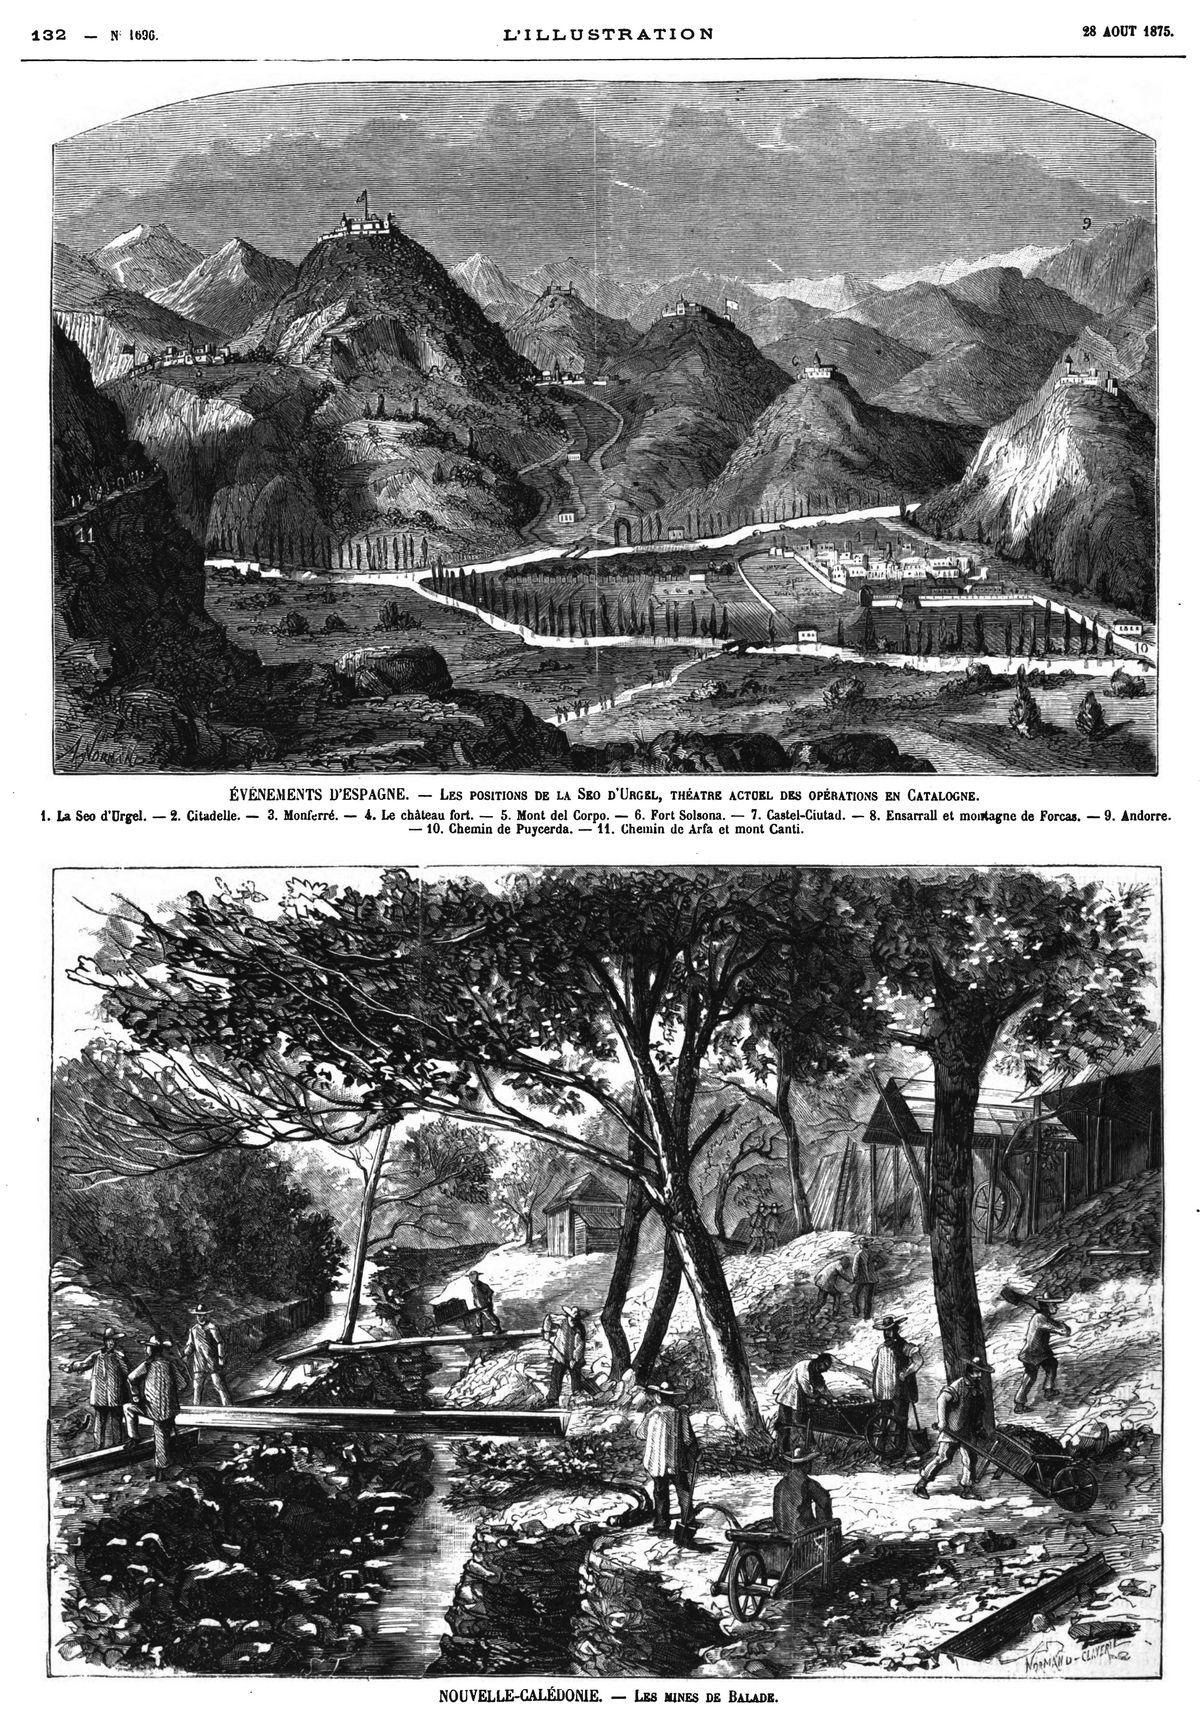 Evénements d'Espagne : les positions de la Seo d'ürgel, théâtre actuel des opérations en Catalogne. 1875 — Nouvelle-Calédonie : les mines de Balade; 1875